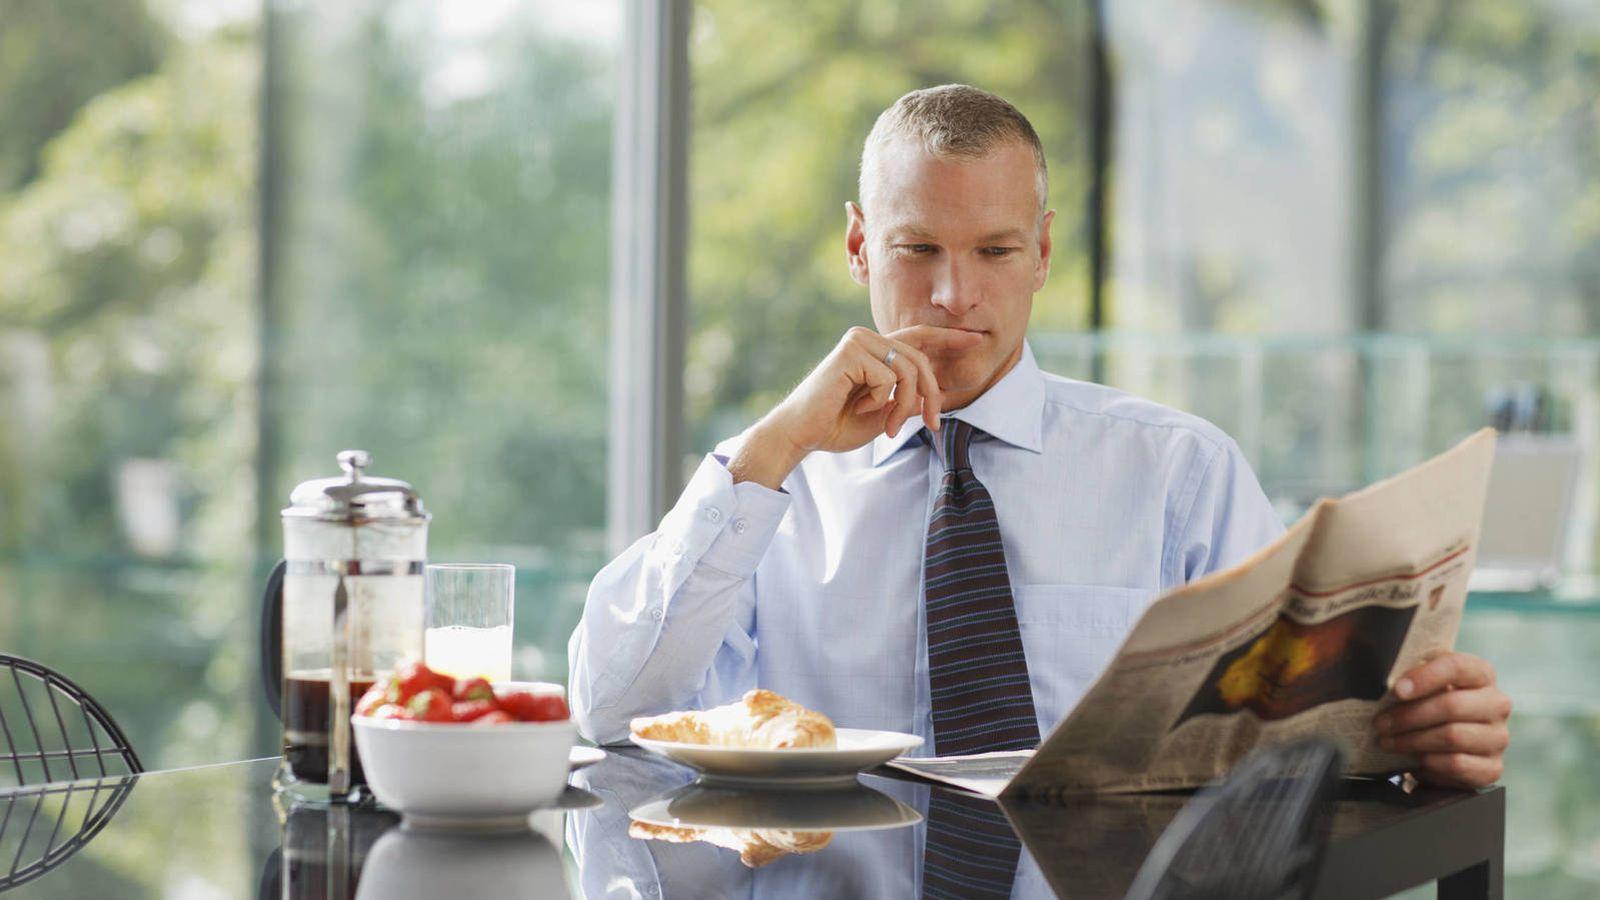 Alimentación 7 Alimentos Que Tomas En El Desayuno Y Te Hacen Sentir Hinchado